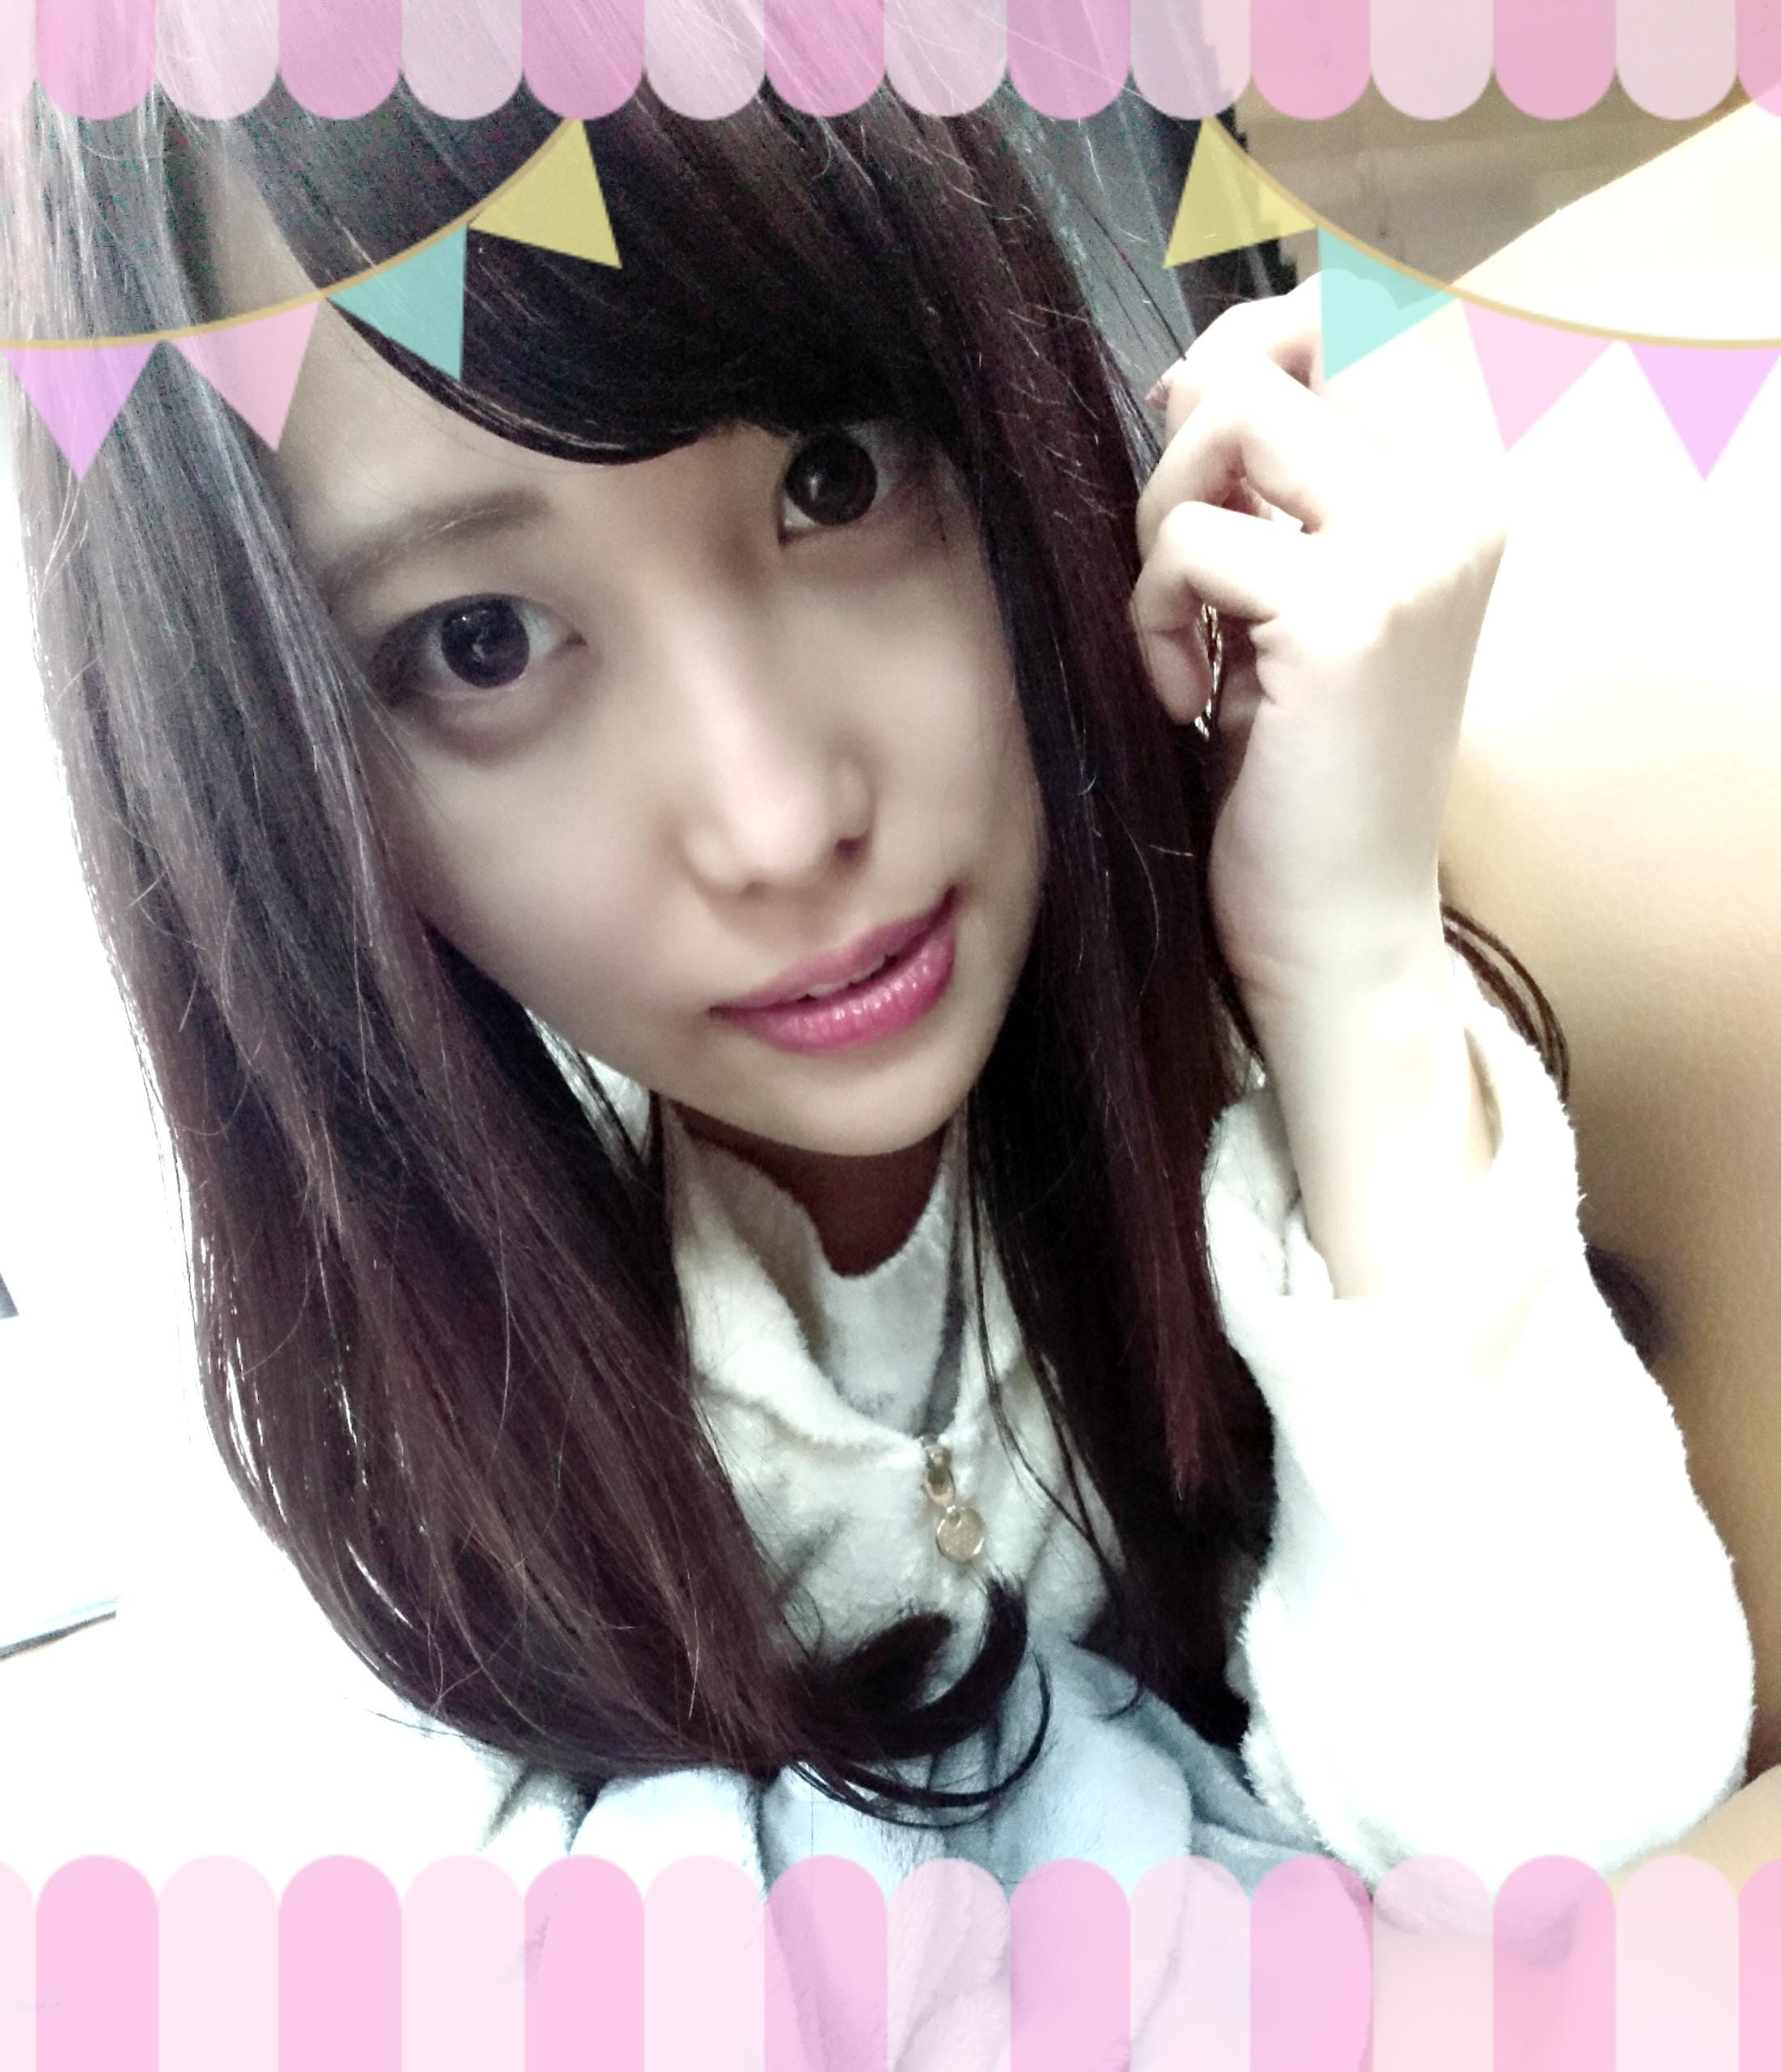 「サボり(笑)?」01/23(01/23) 18:25 | 梨里花(りりか)の写メ・風俗動画